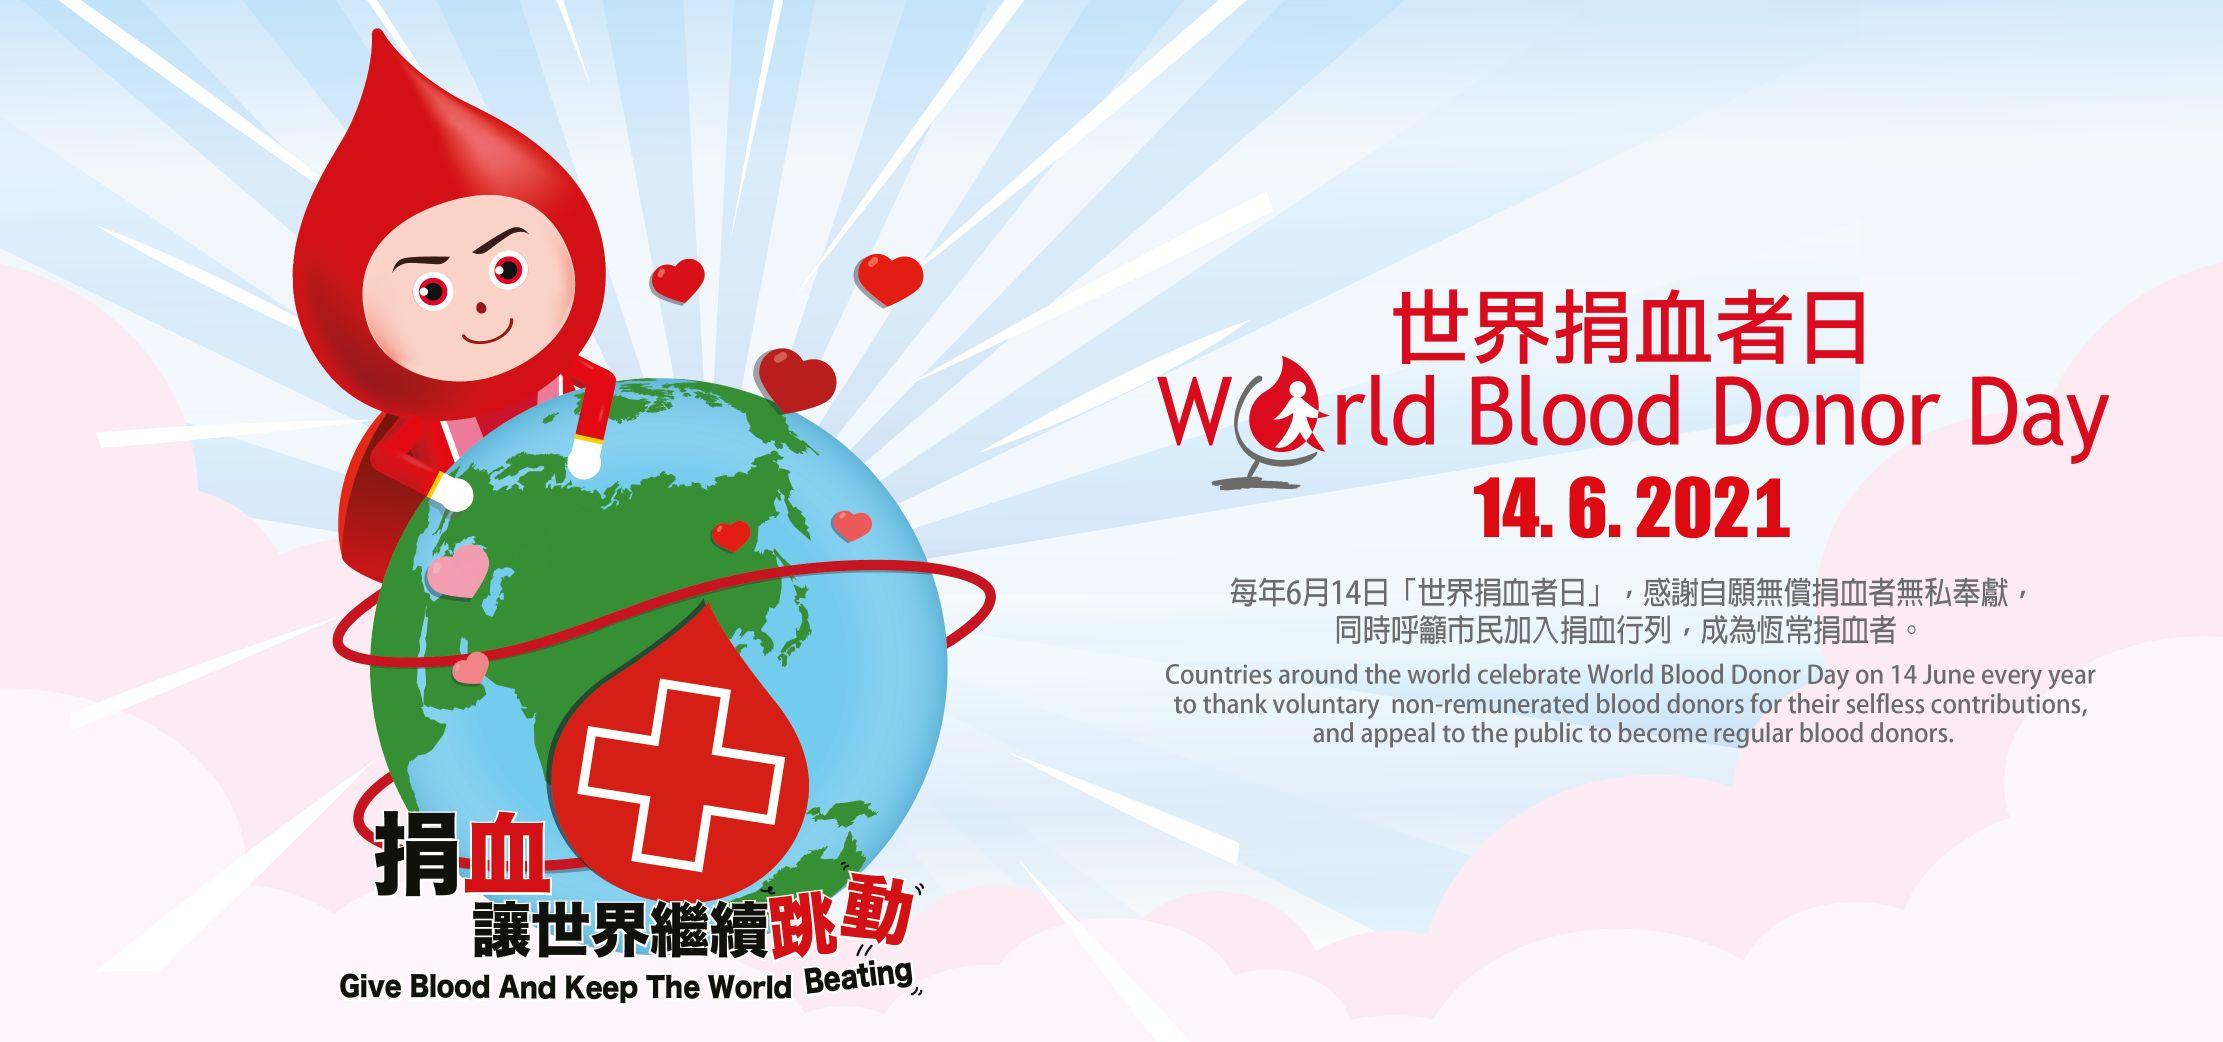 圖片: 世界捐血者日2021